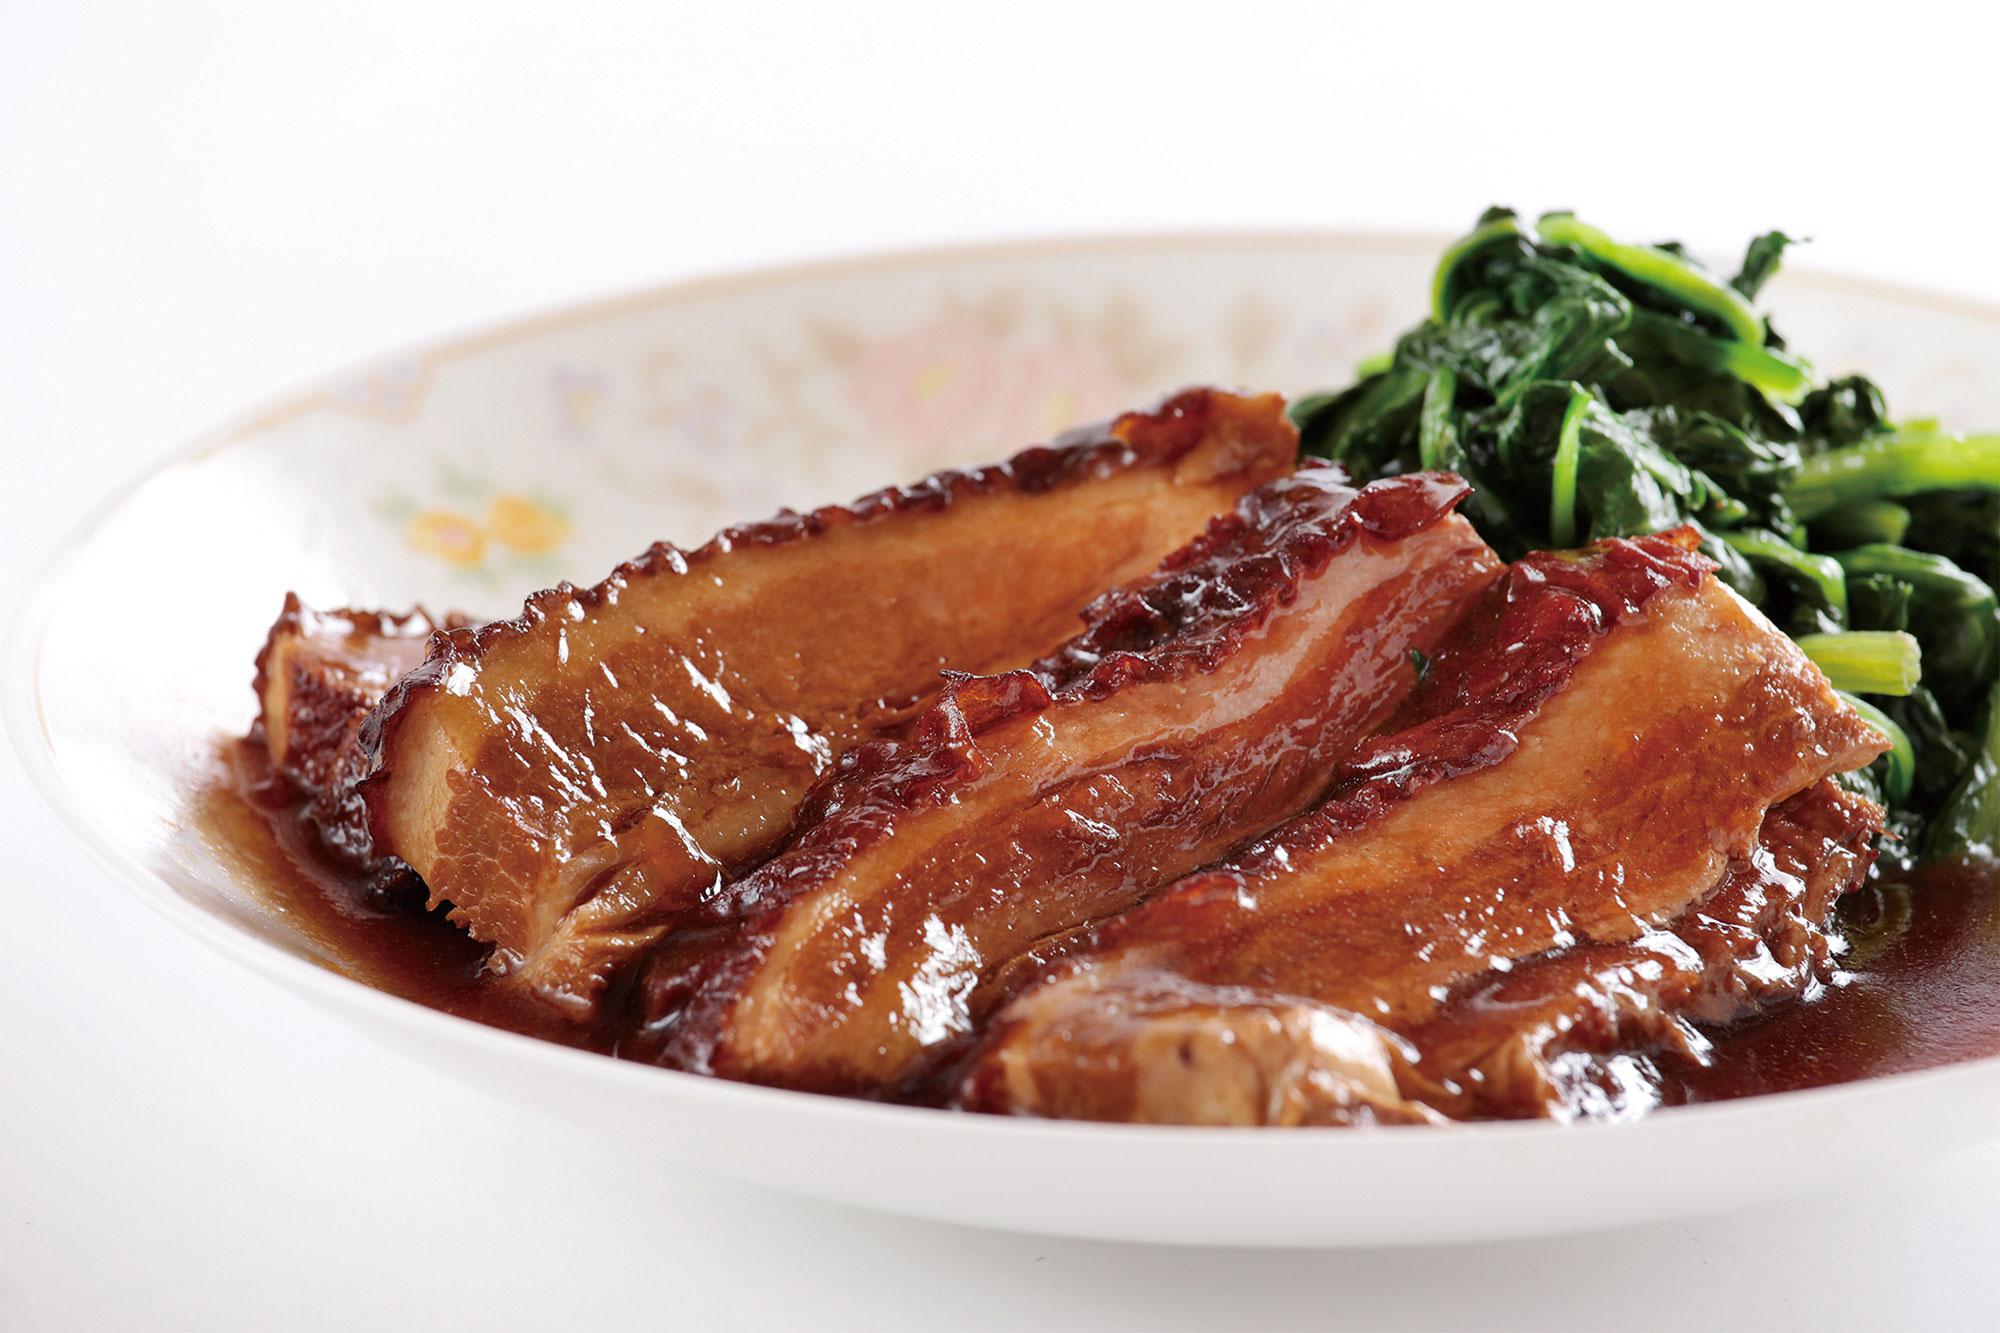 グランドメニュー / 豚バラ肉の醤油煮込み、青菜添え